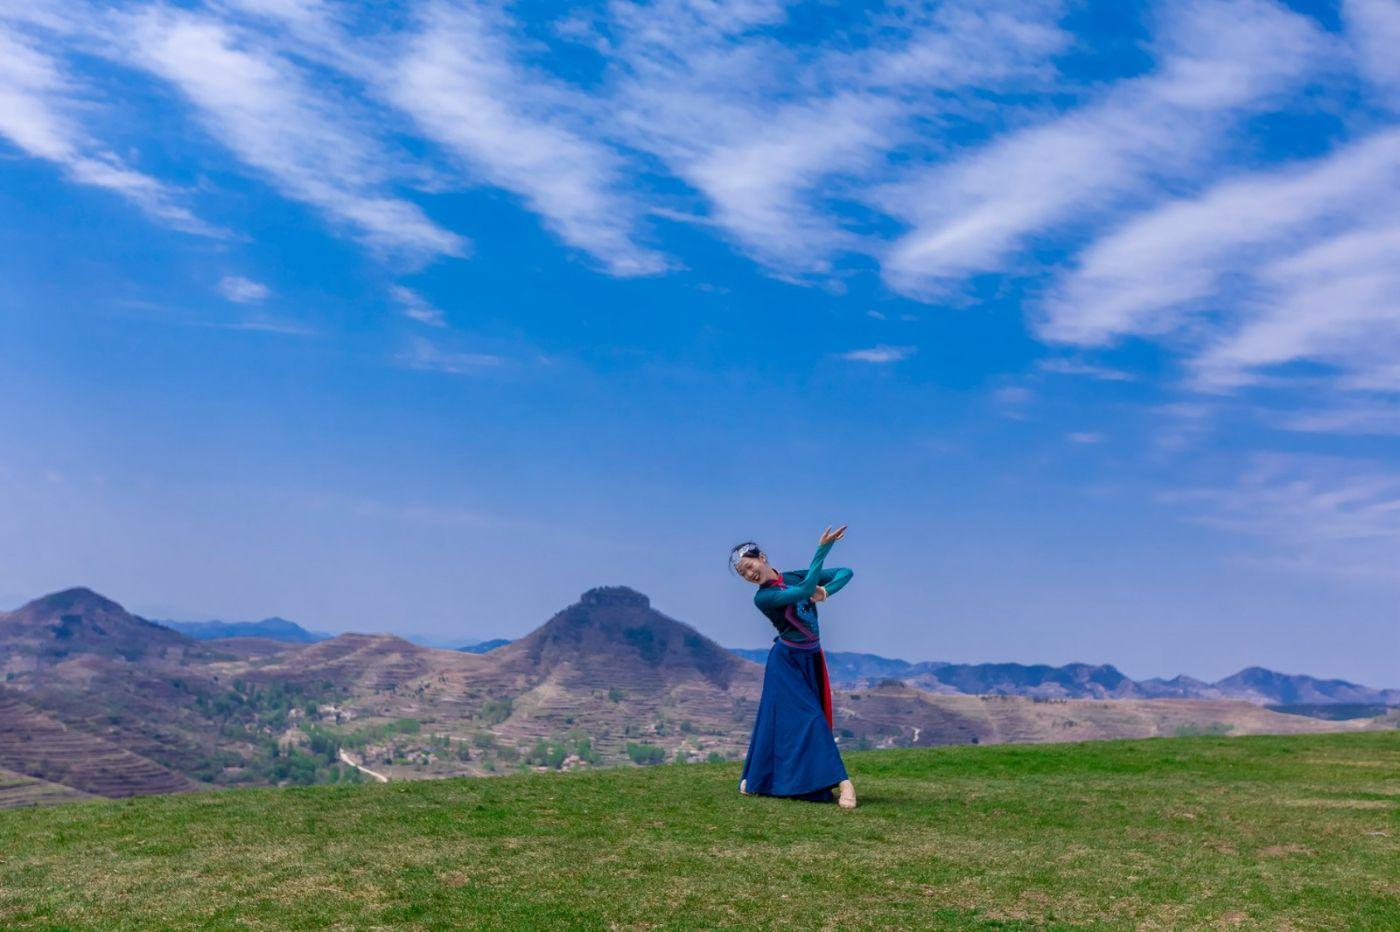 崮上草原有位女孩在翩翩起舞 她要和你邂逅在崮上花开的季节 ..._图1-19